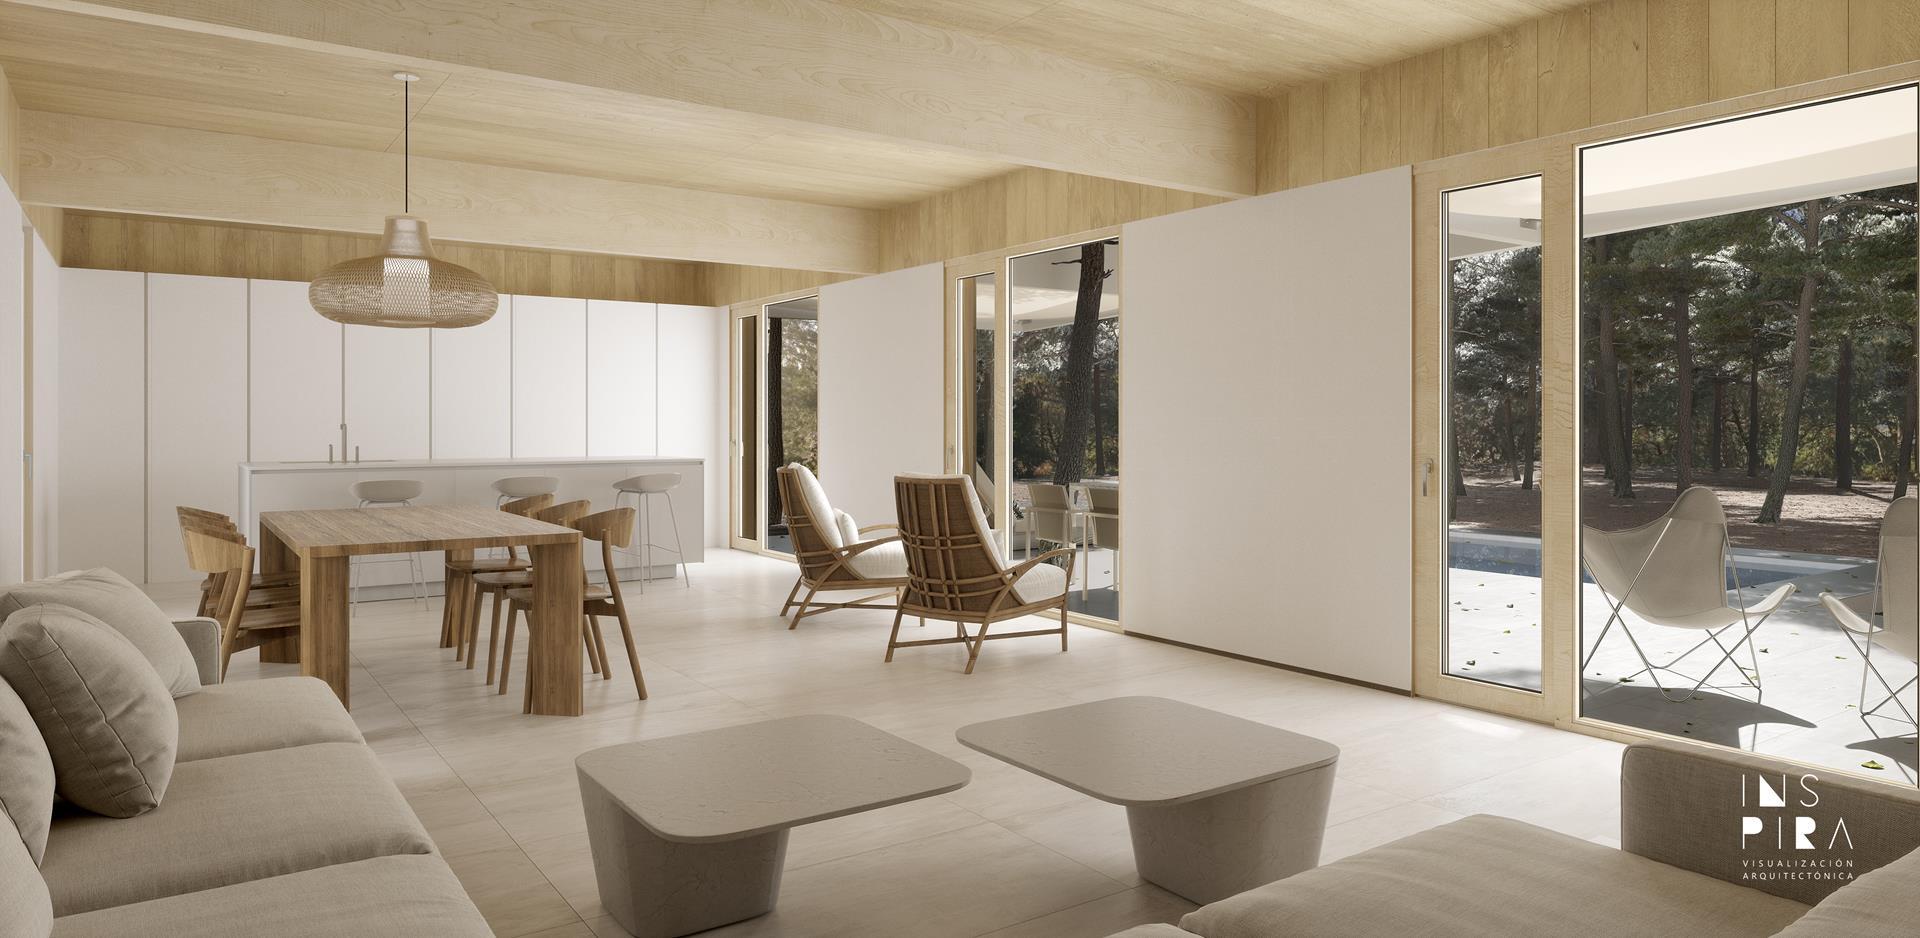 render-arquitectura-interior-de-una-casa-de-diseño